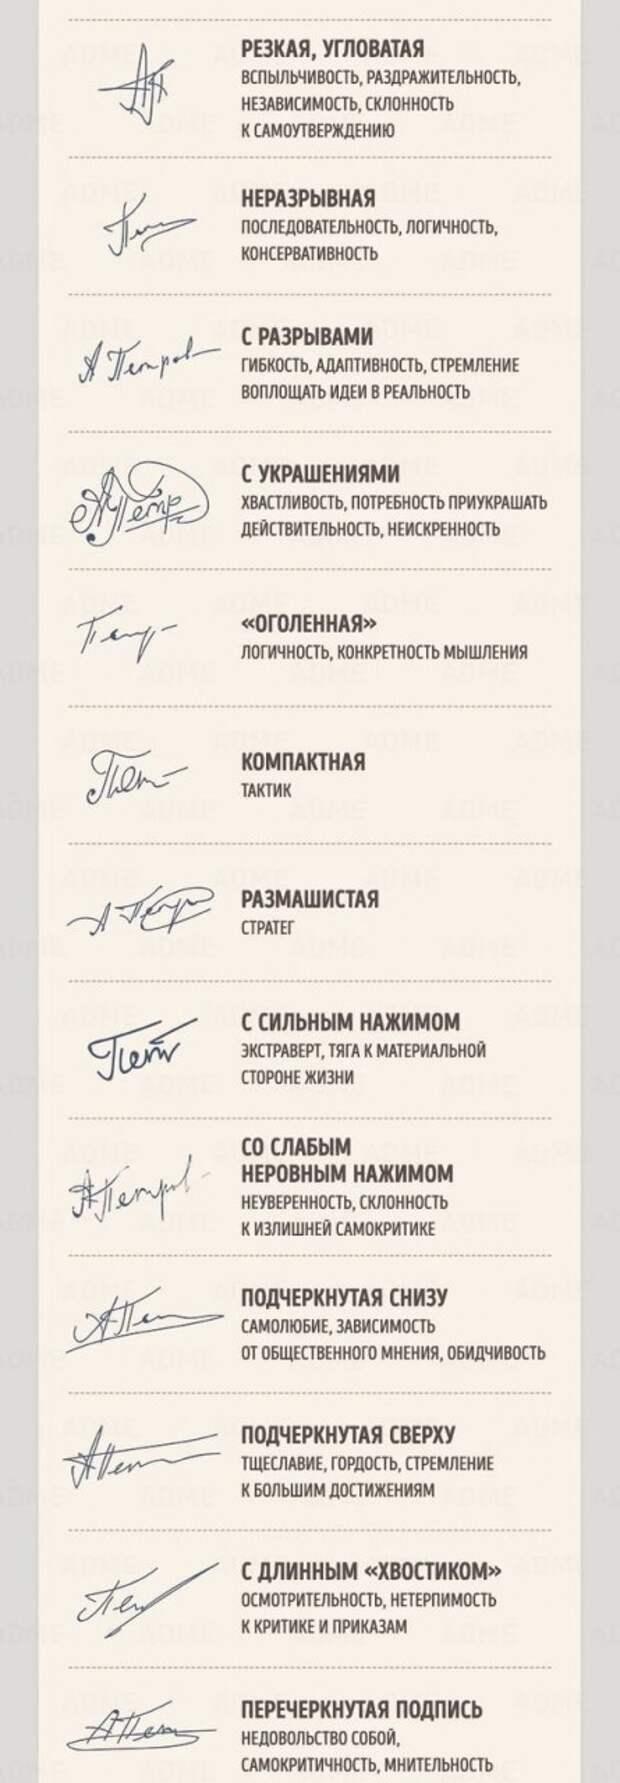 Ваша подпись и характер Фабрика идей, Шпаргалки, помощь, про все на свете